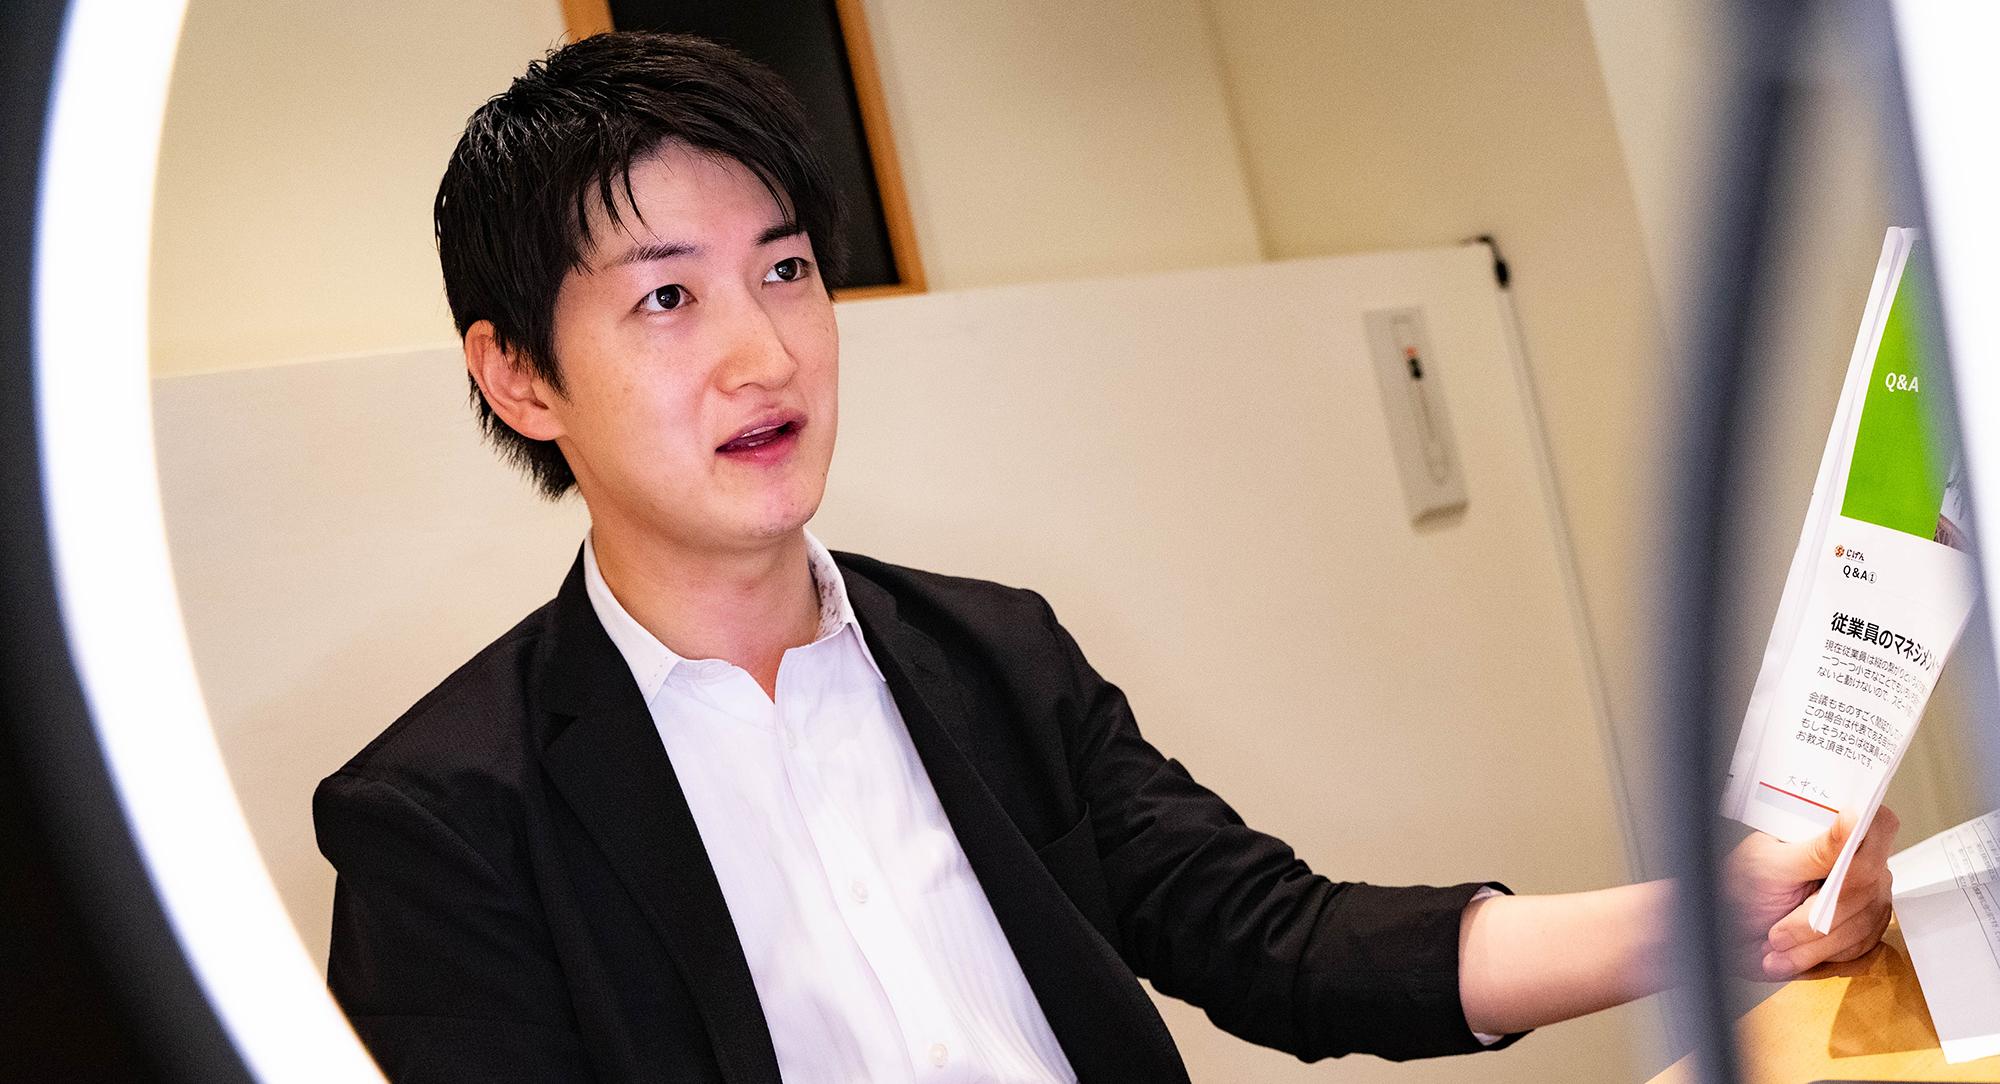 じげん代表 平尾丈が、慶応義塾大学 SFC学生向け起業セミナーを実施